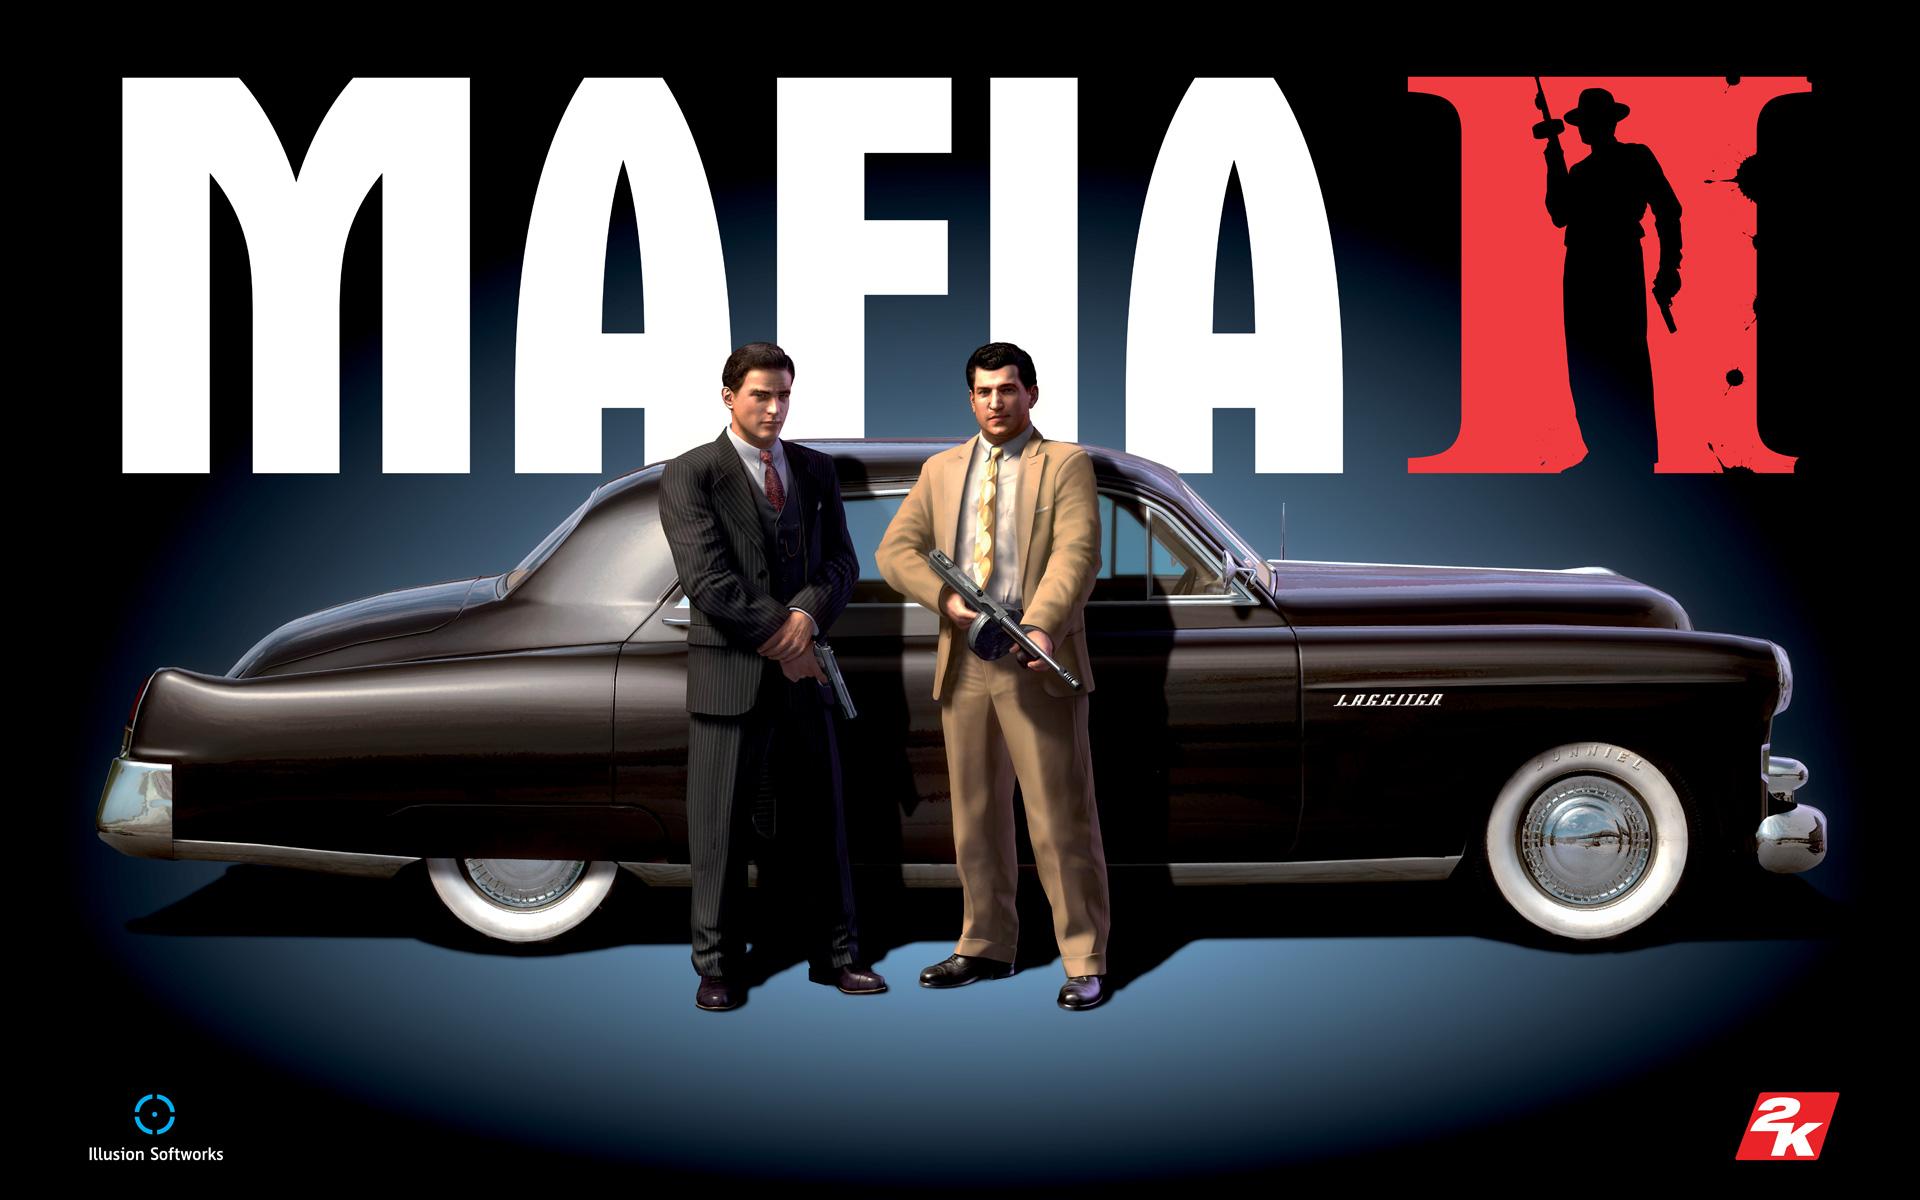 Nuestro paso por Mafia II Demo ¿Ustedes que opinan? [Opinión y Debate]